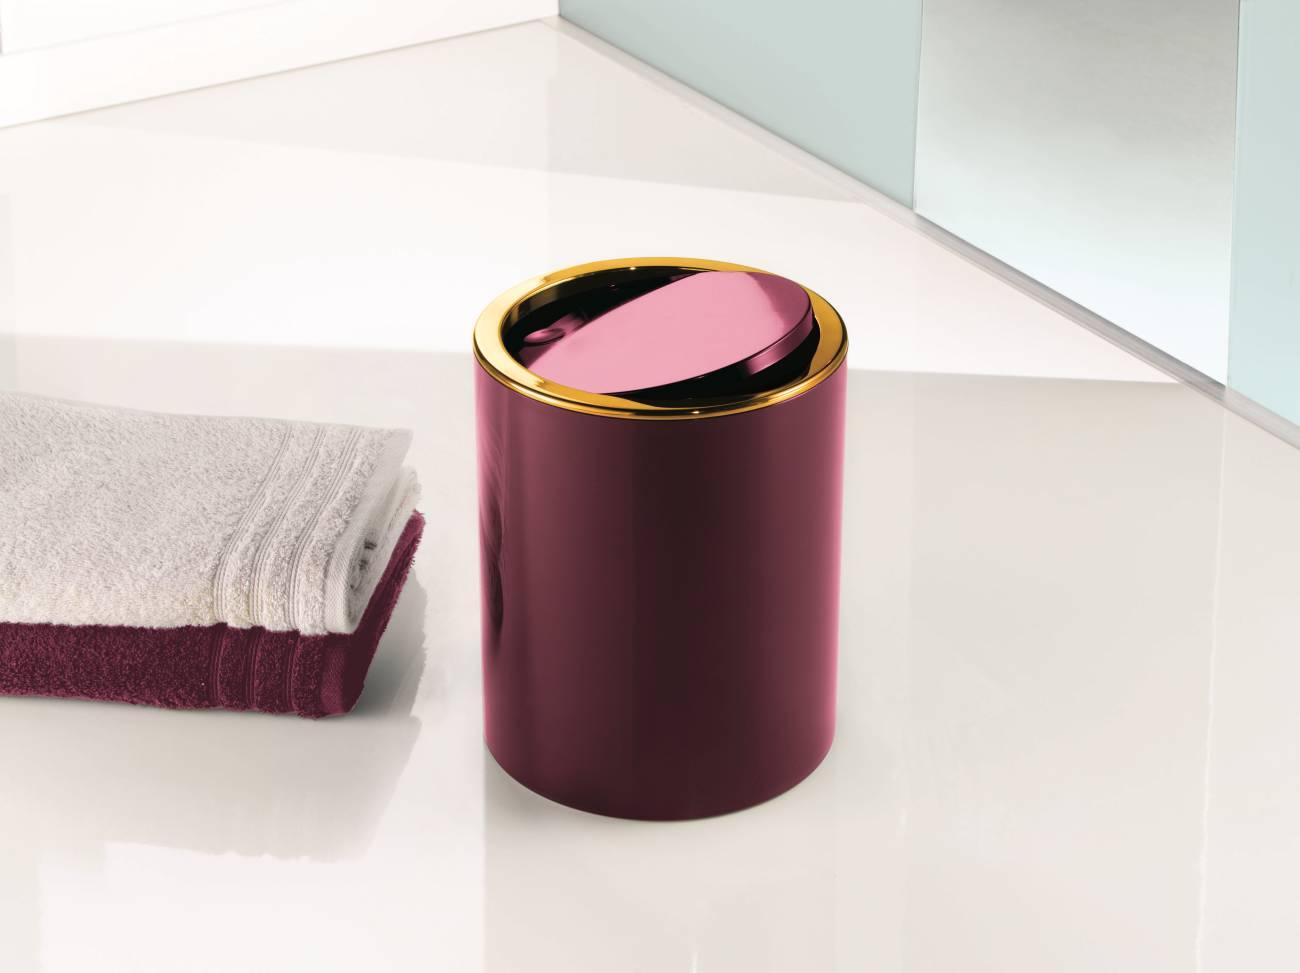 Kosmetikeimer Golden Clap ABS Schwarz Eimer 5 Liter